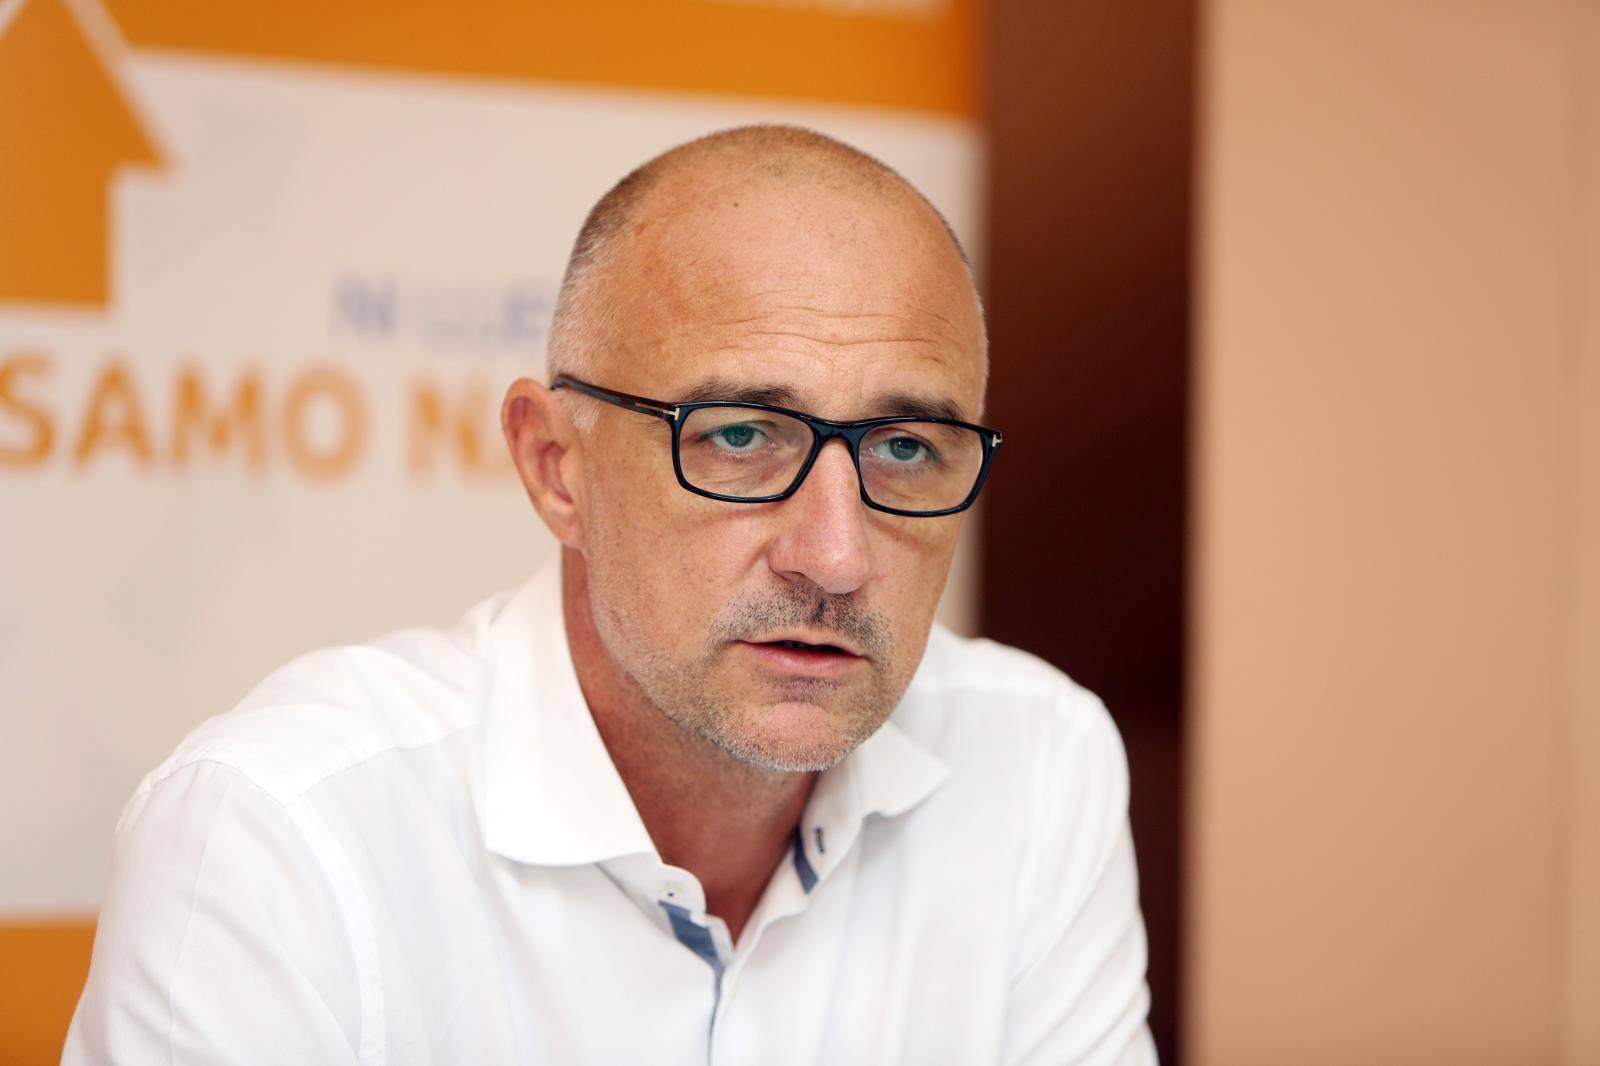 Karlovac: Konferencija za medije Hrvatske narodne stranke – liberalnih demokrata